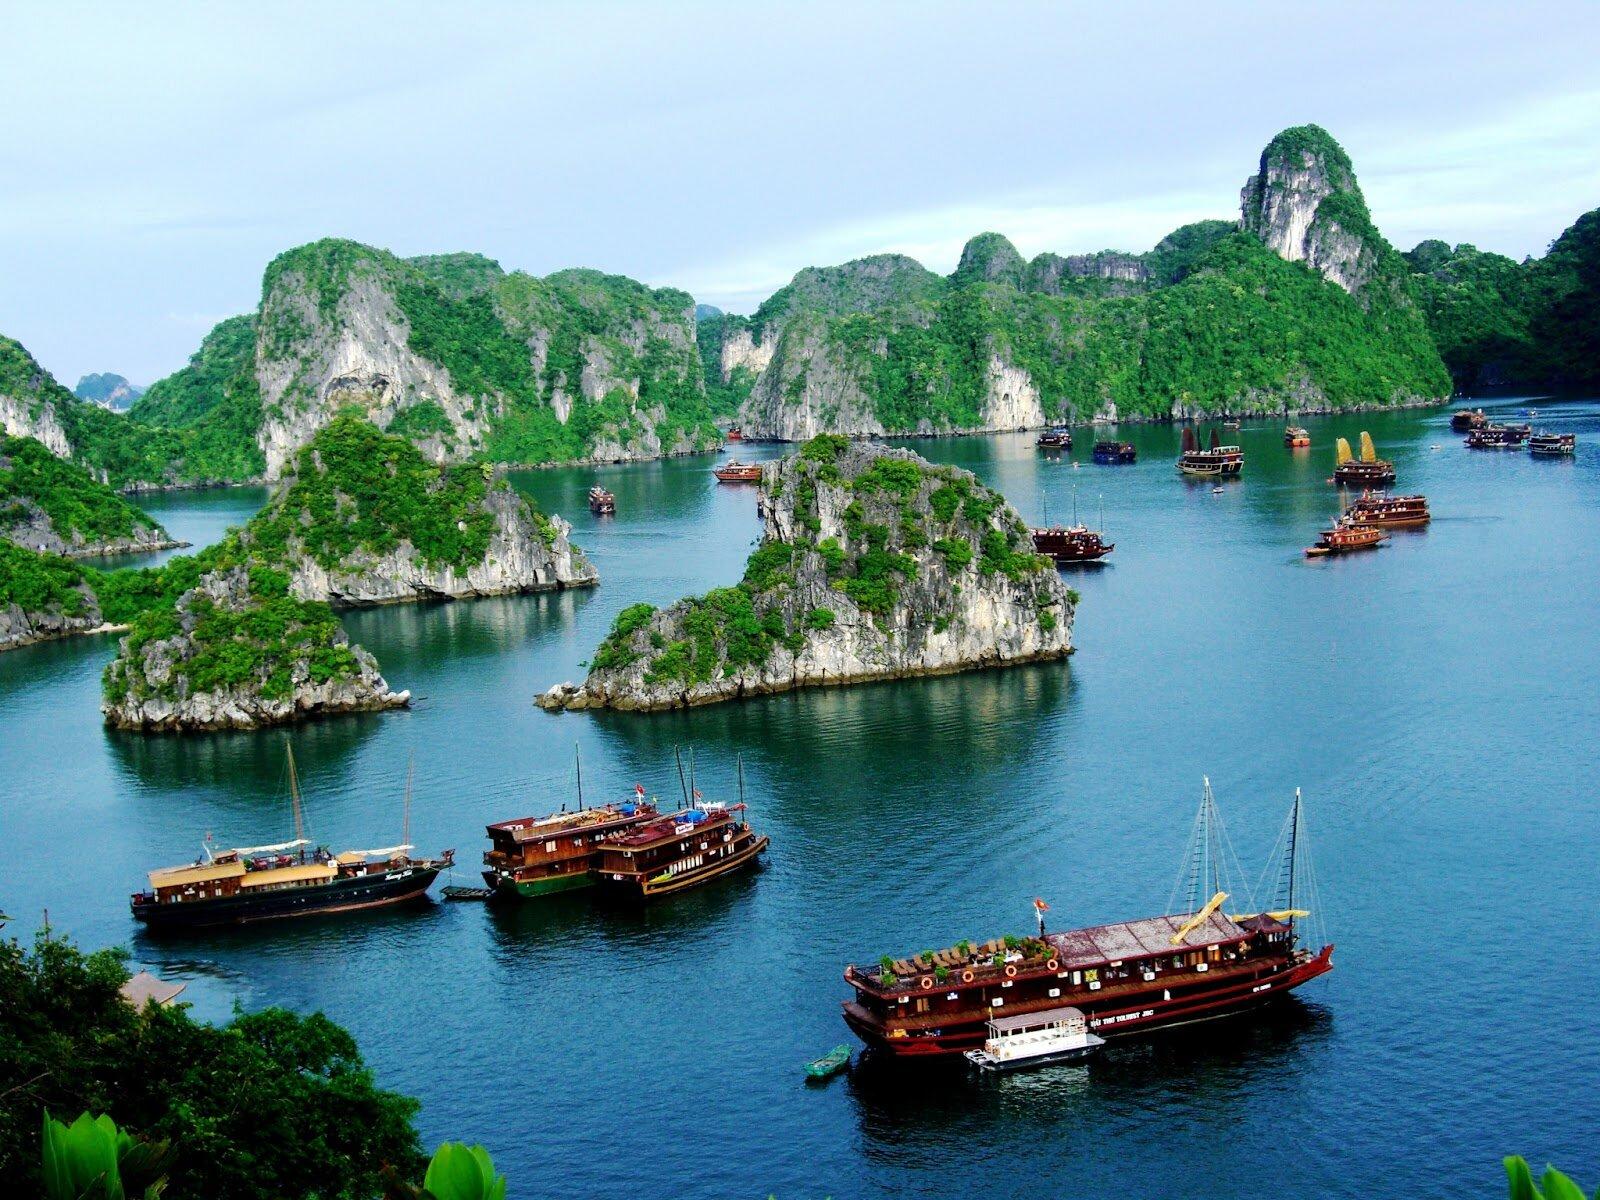 Tour du lịch Hà Nội - Hạ Long - Cát Bà